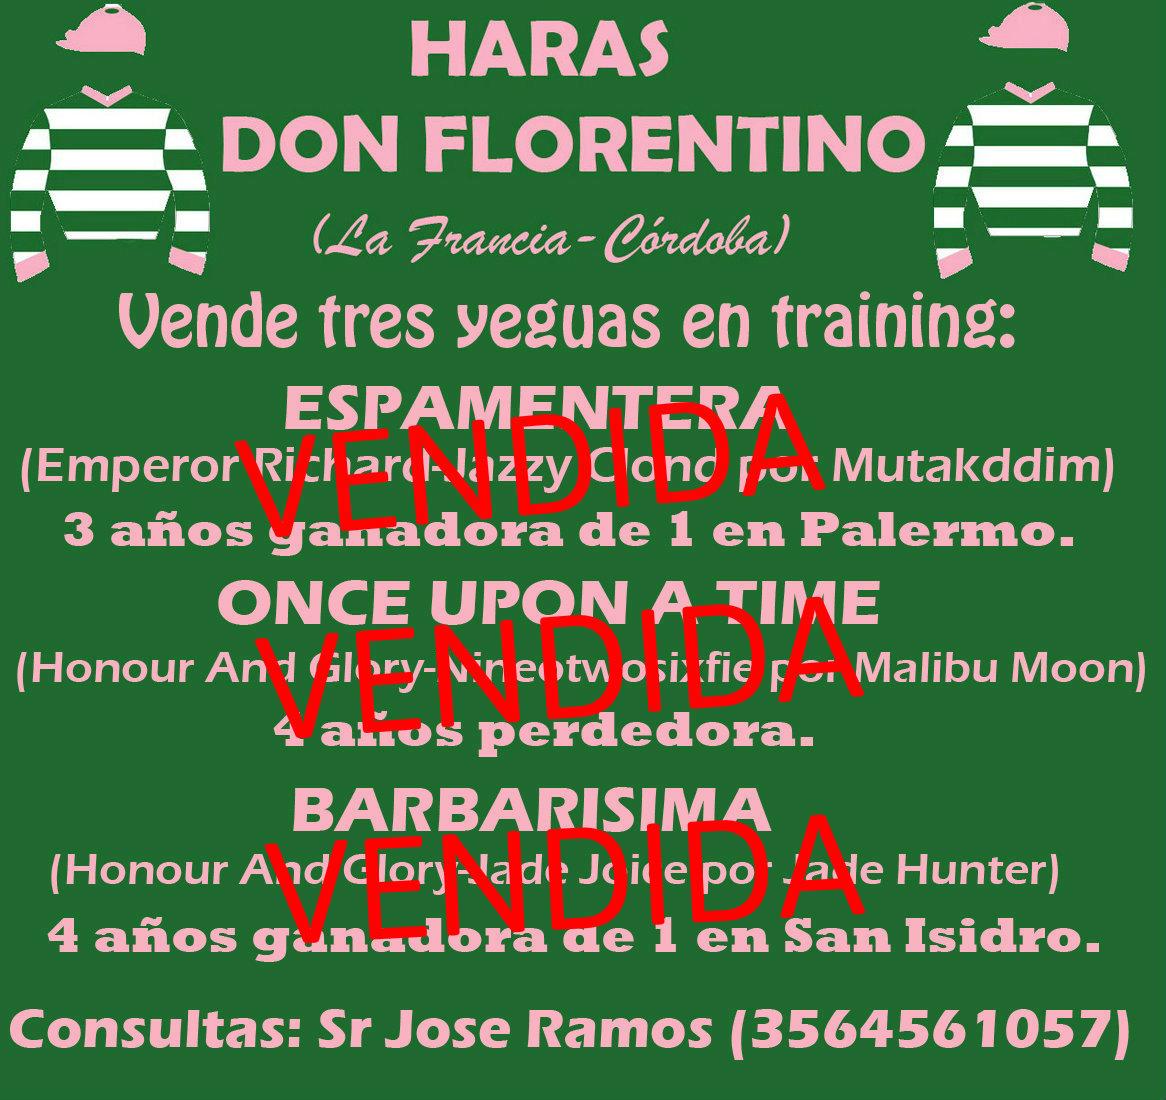 HS DON FLORENTINO VENDIDOS